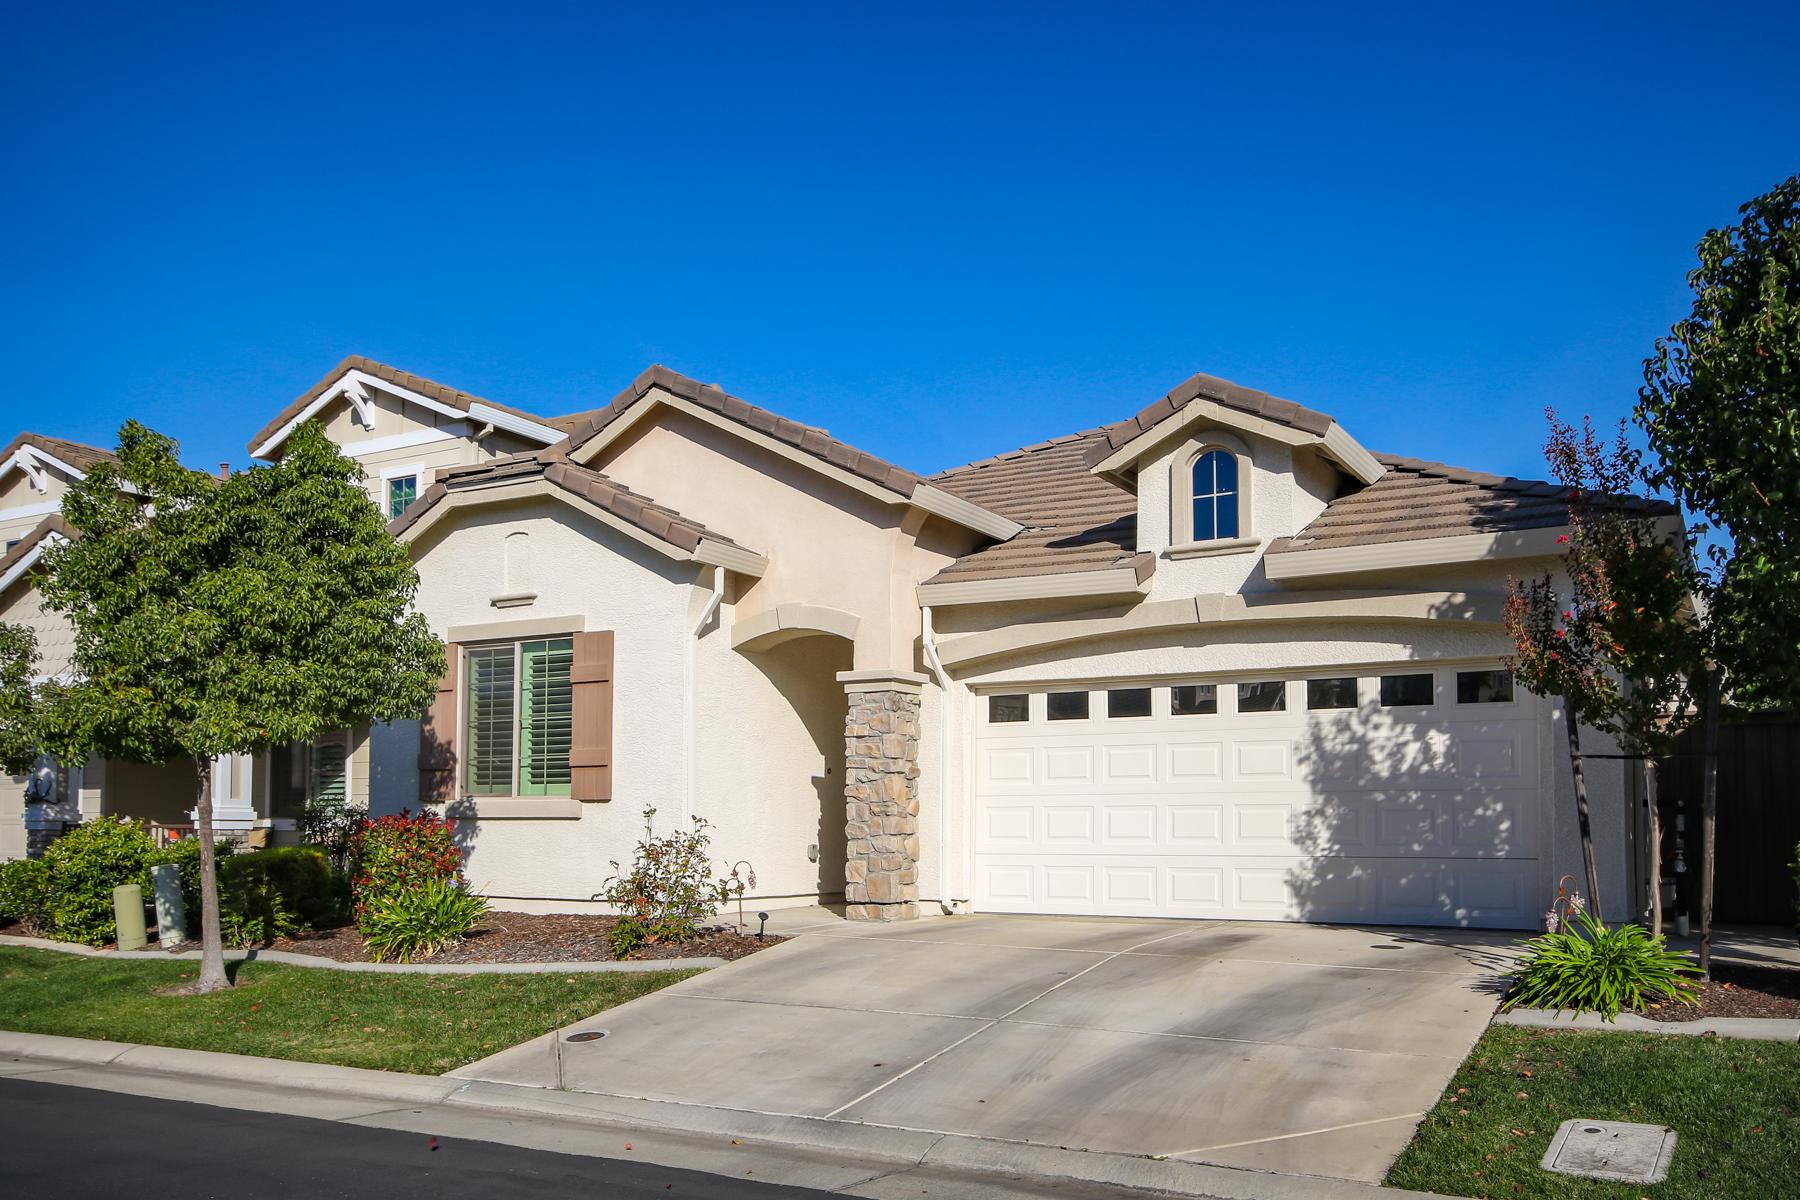 Single Family Homes for Sale at 1912 Della Verona Drive, Roseville, CA 95747 1912 Della Verona Drive Roseville, California 95747 United States